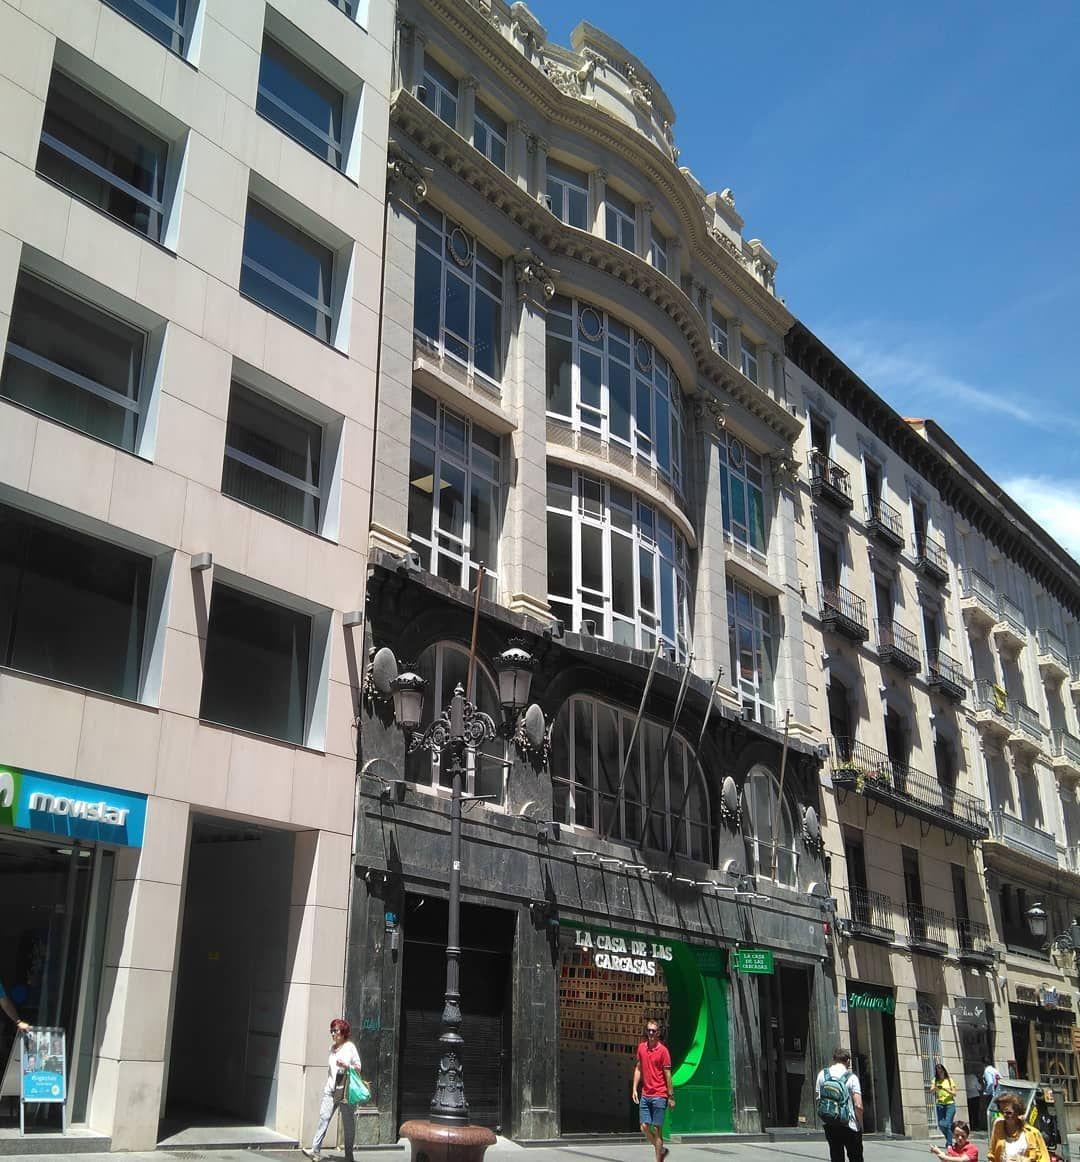 Pin En Lugares De Interés En Zaragoza